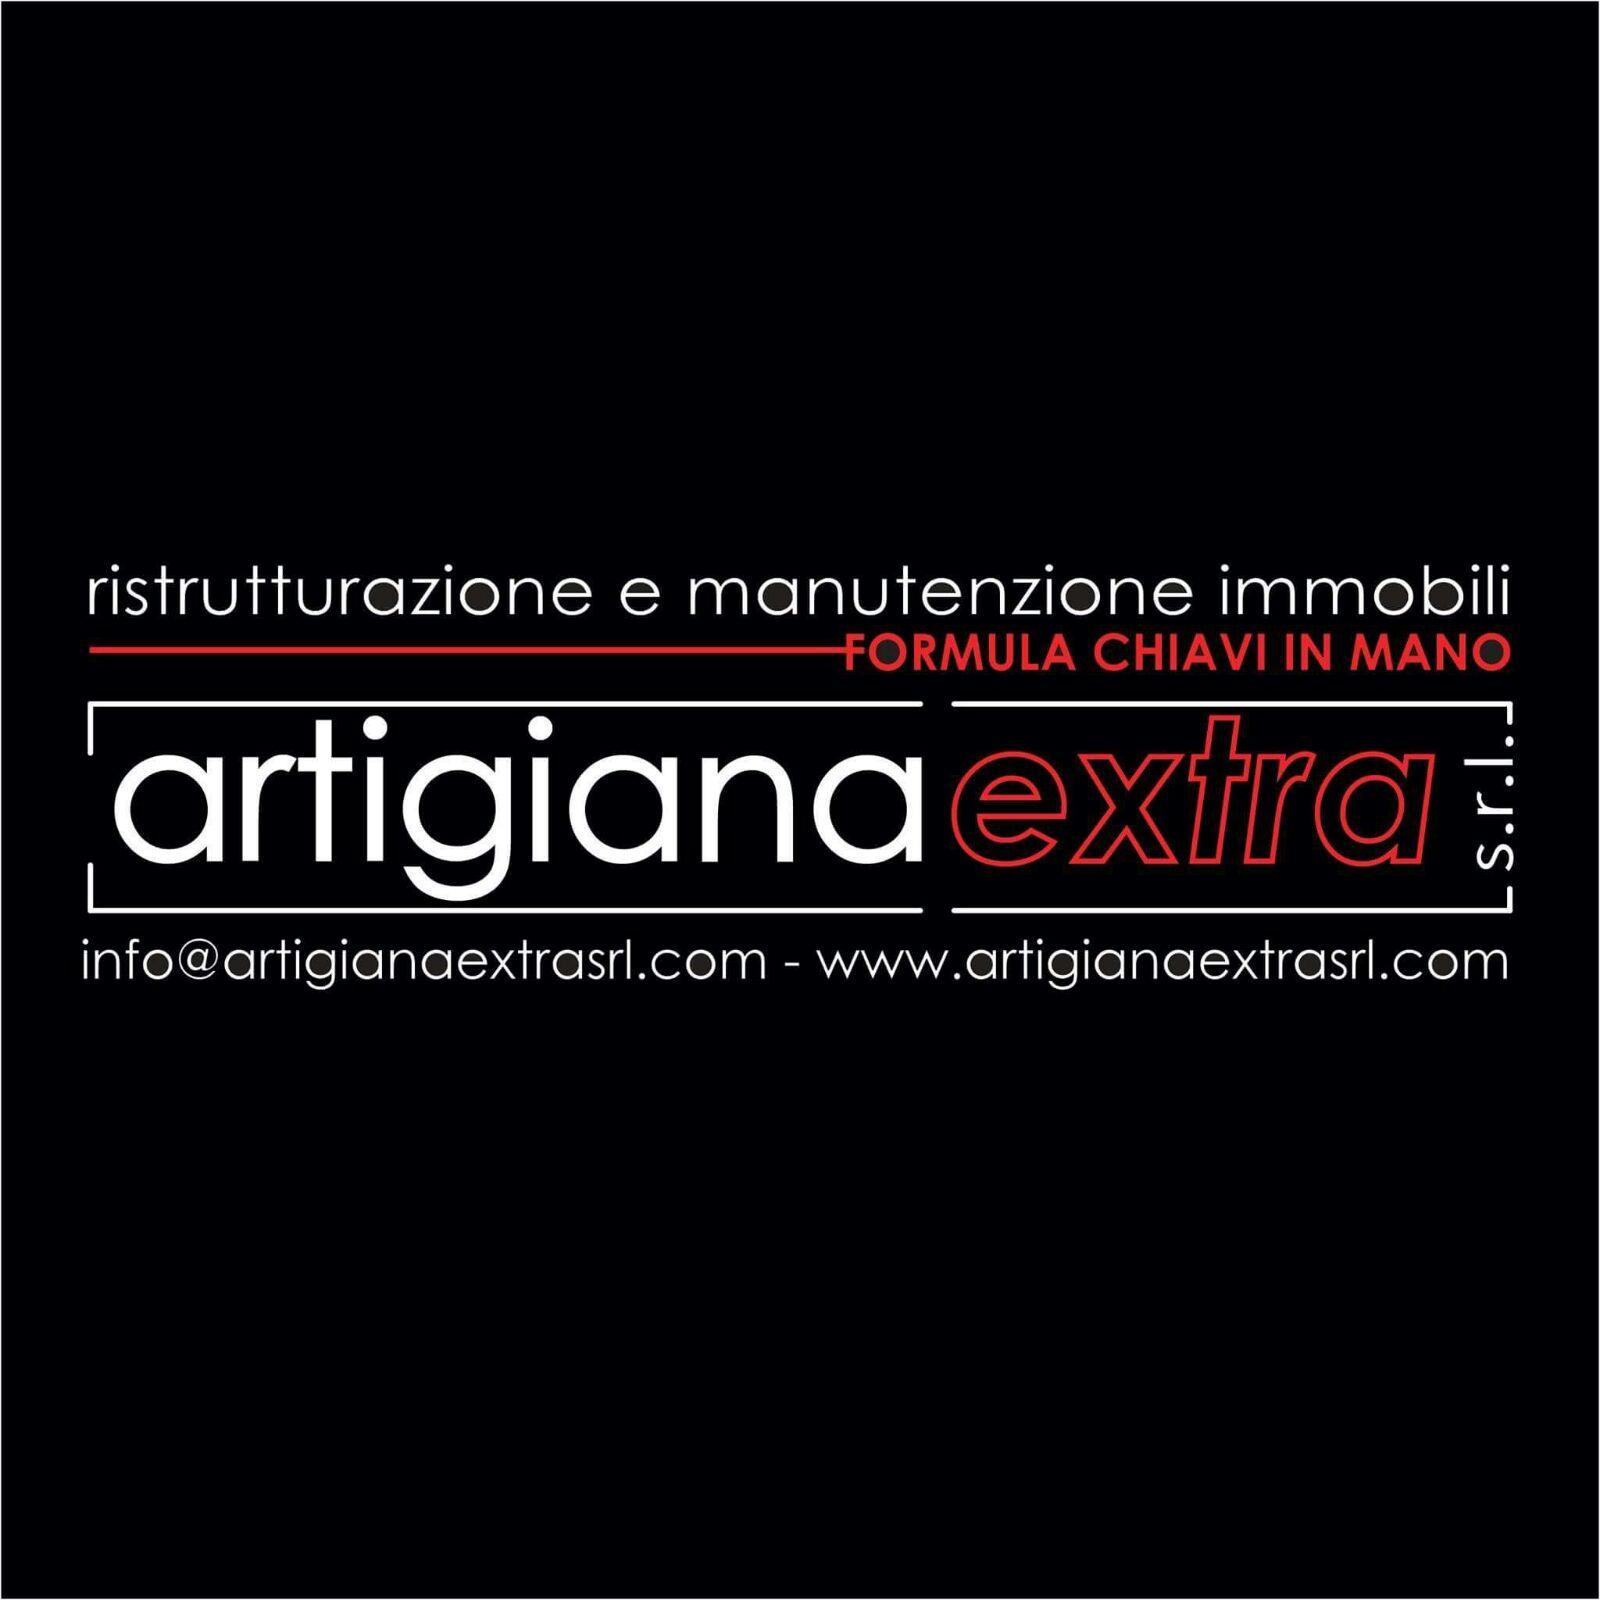 Artigiana Extra Srl